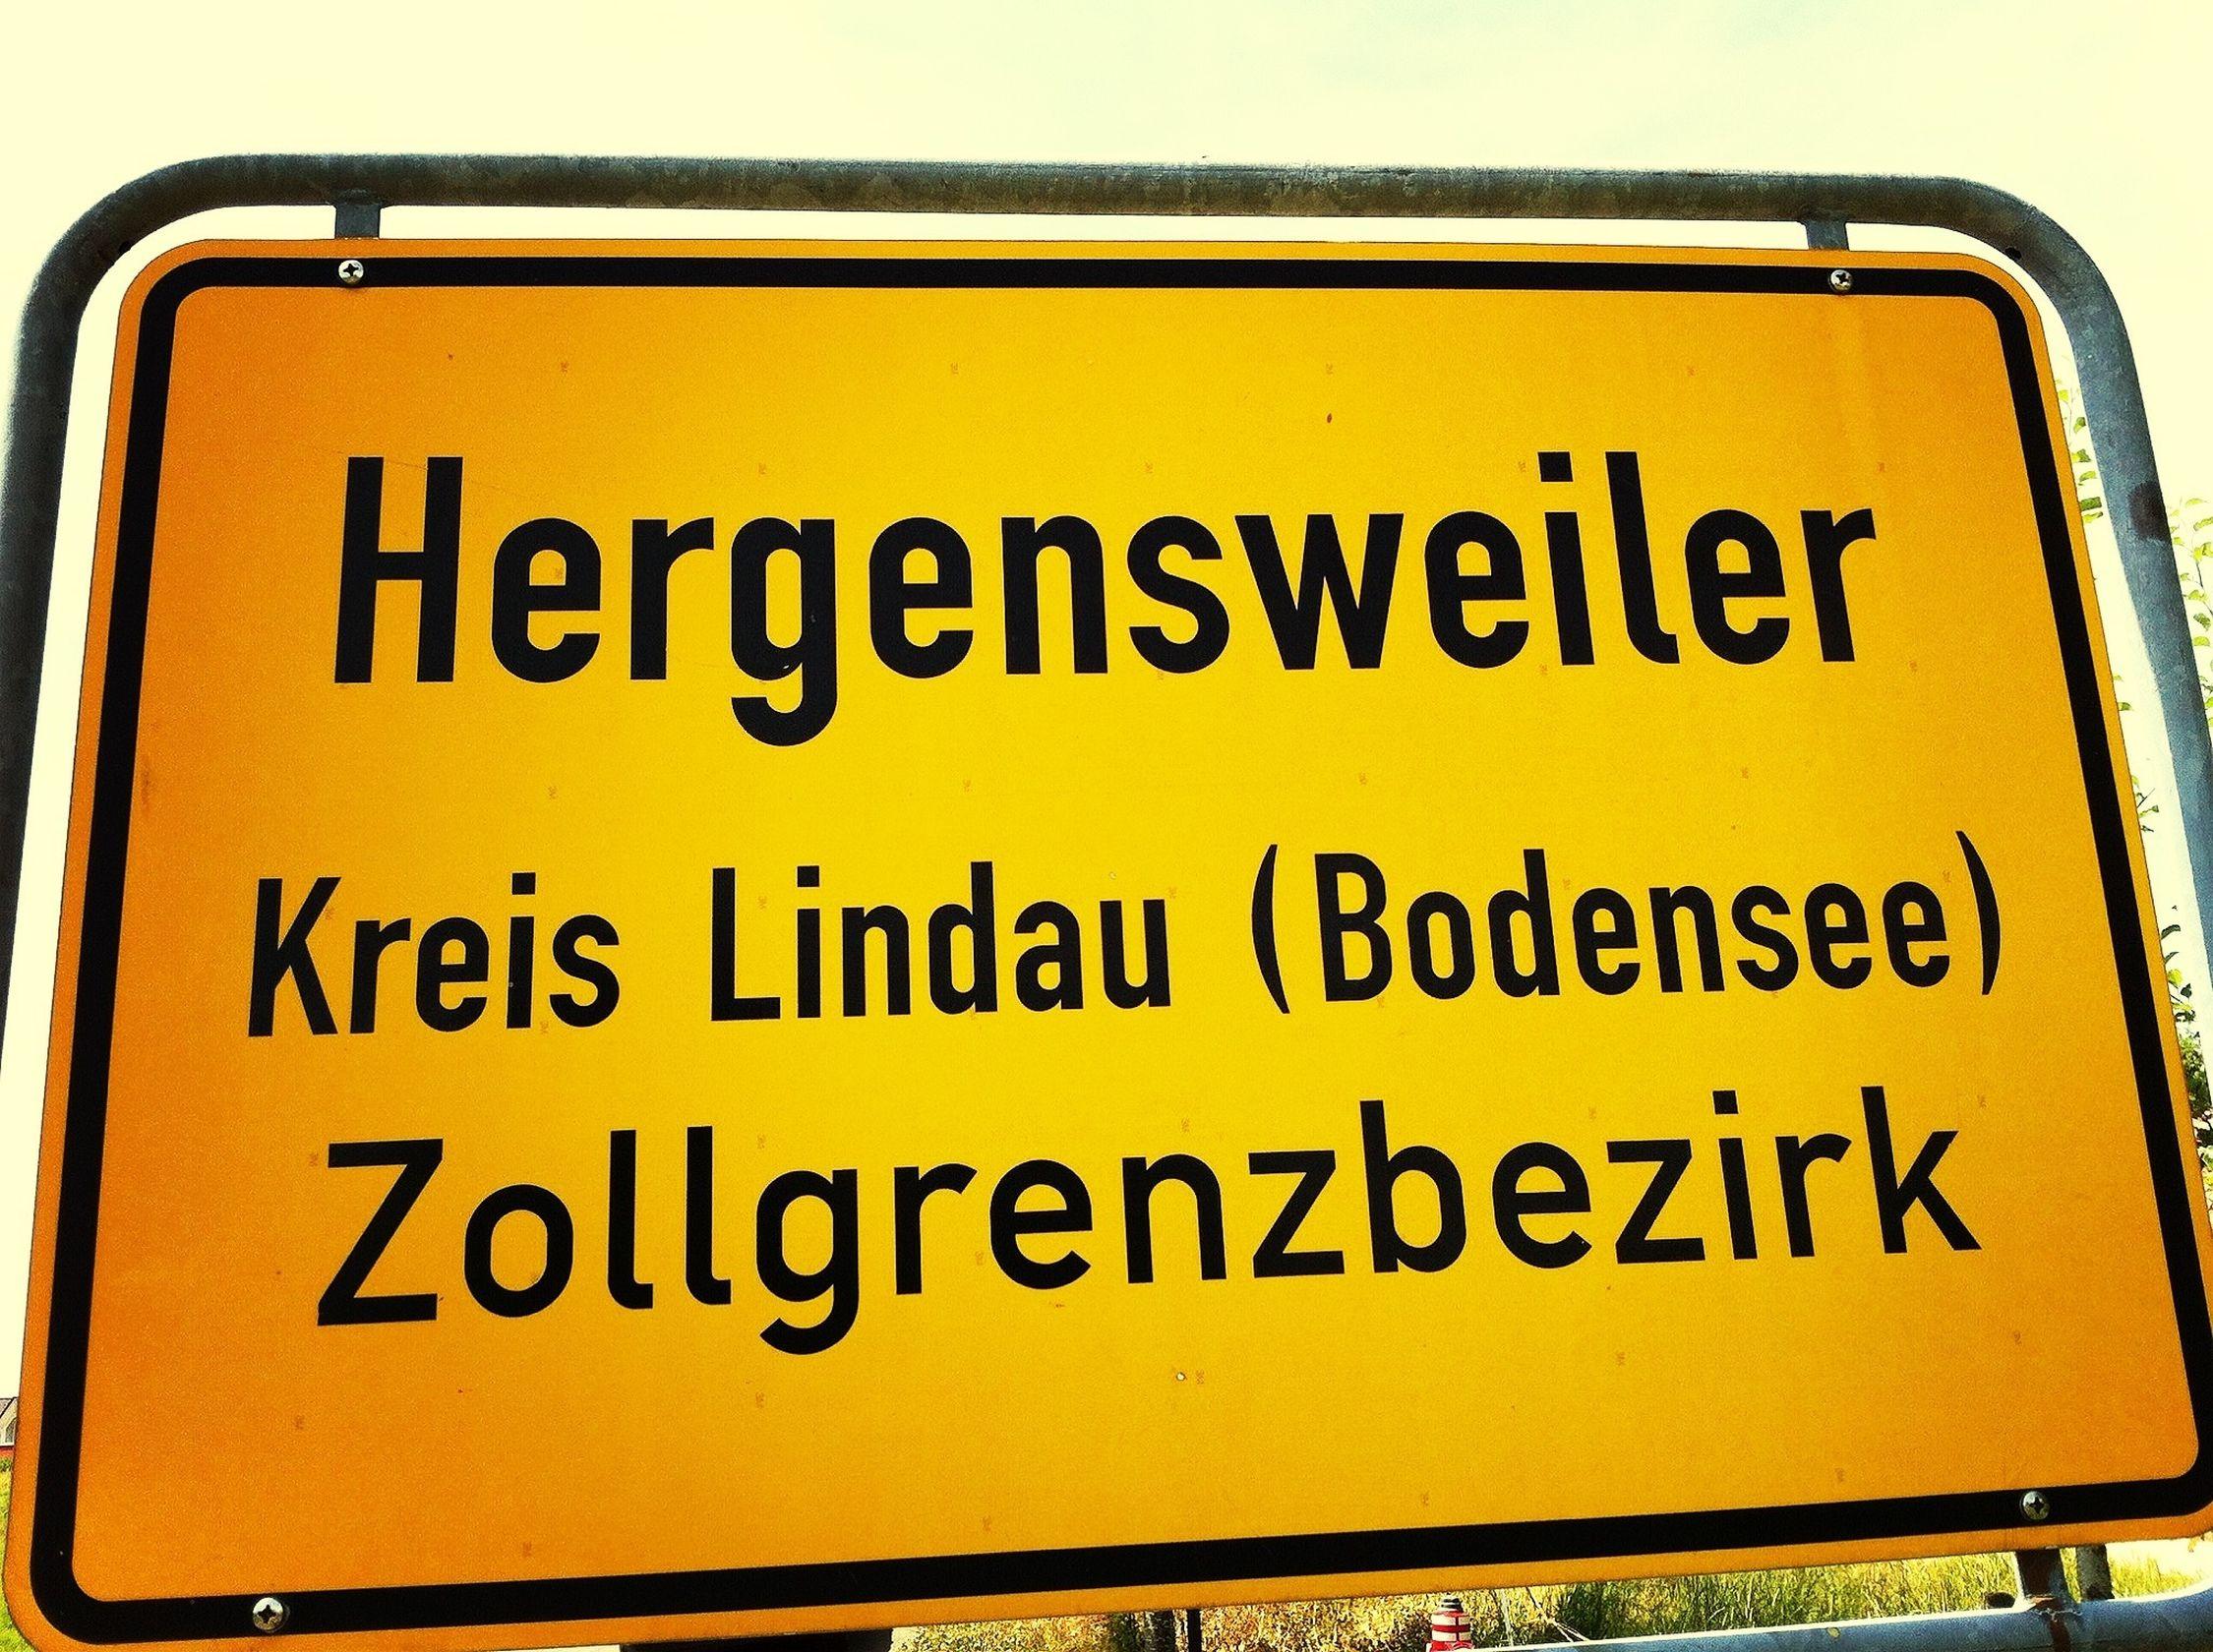 Hergensweiler Hergensweiler